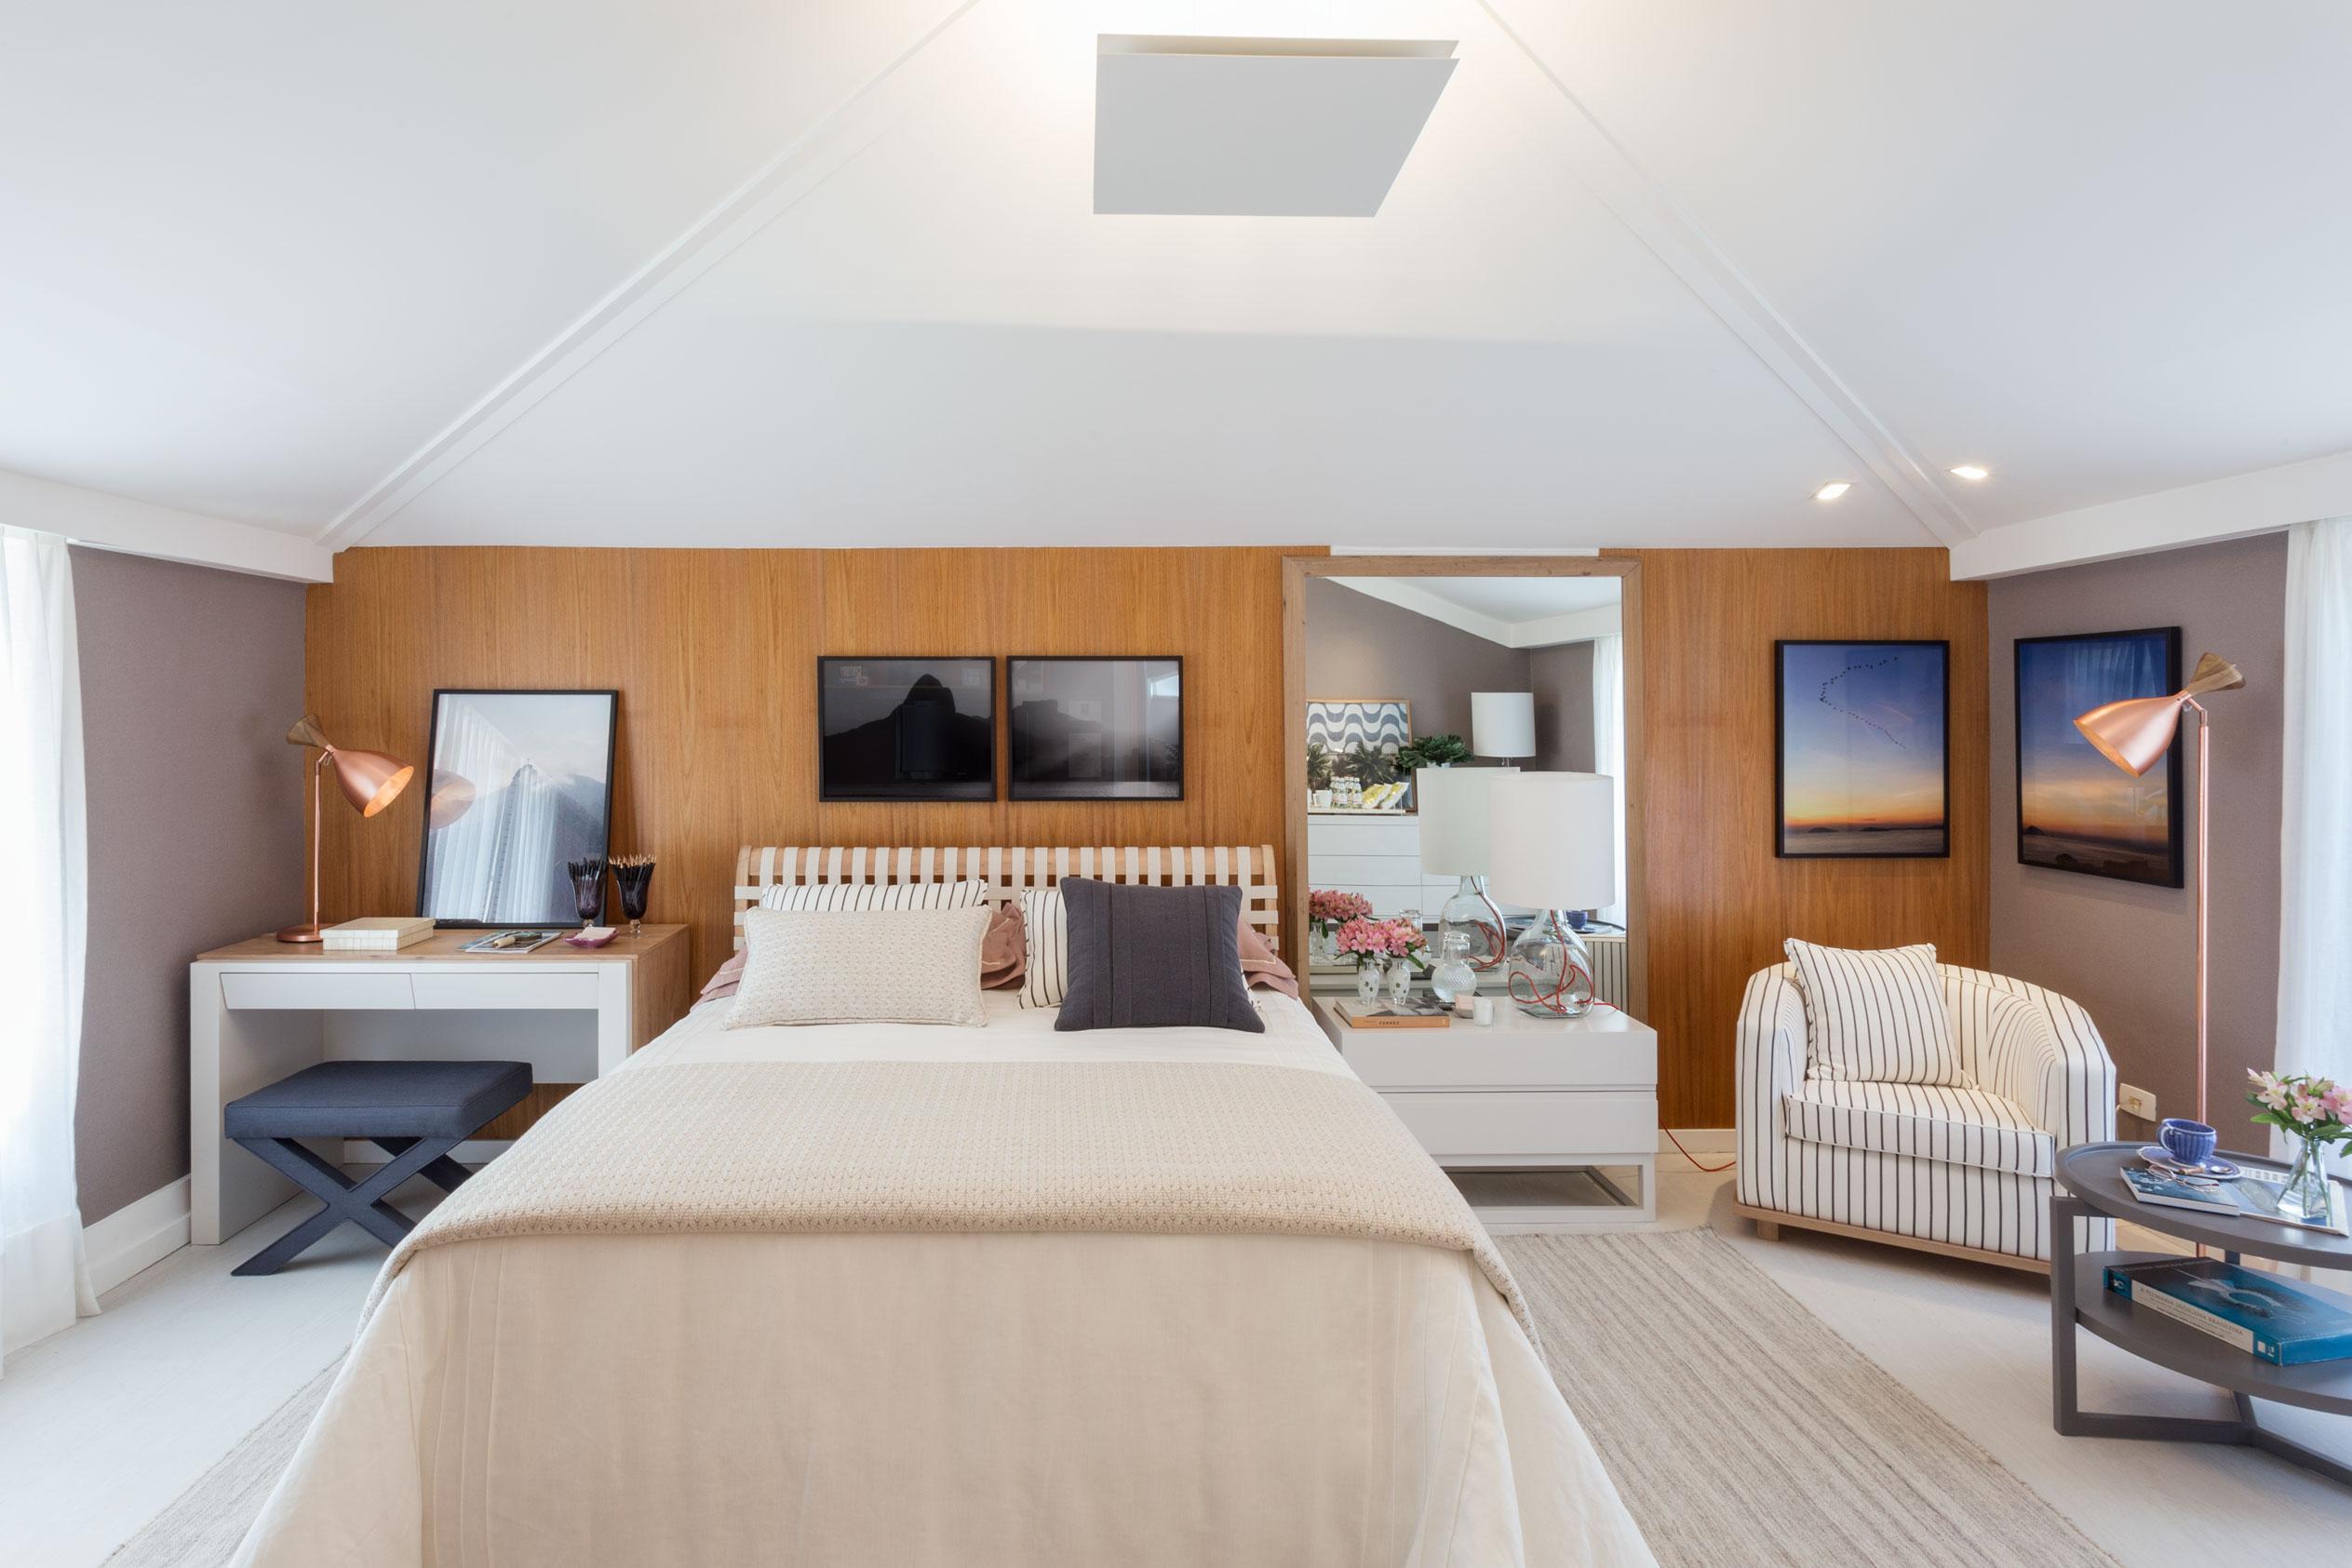 Seguindo uma linha contemporânea, a arquiteta criou um quarto com uma mistura equilibrada de materiais e uma paleta de cores neutra, para receber os hóspedes com todo o conforto.